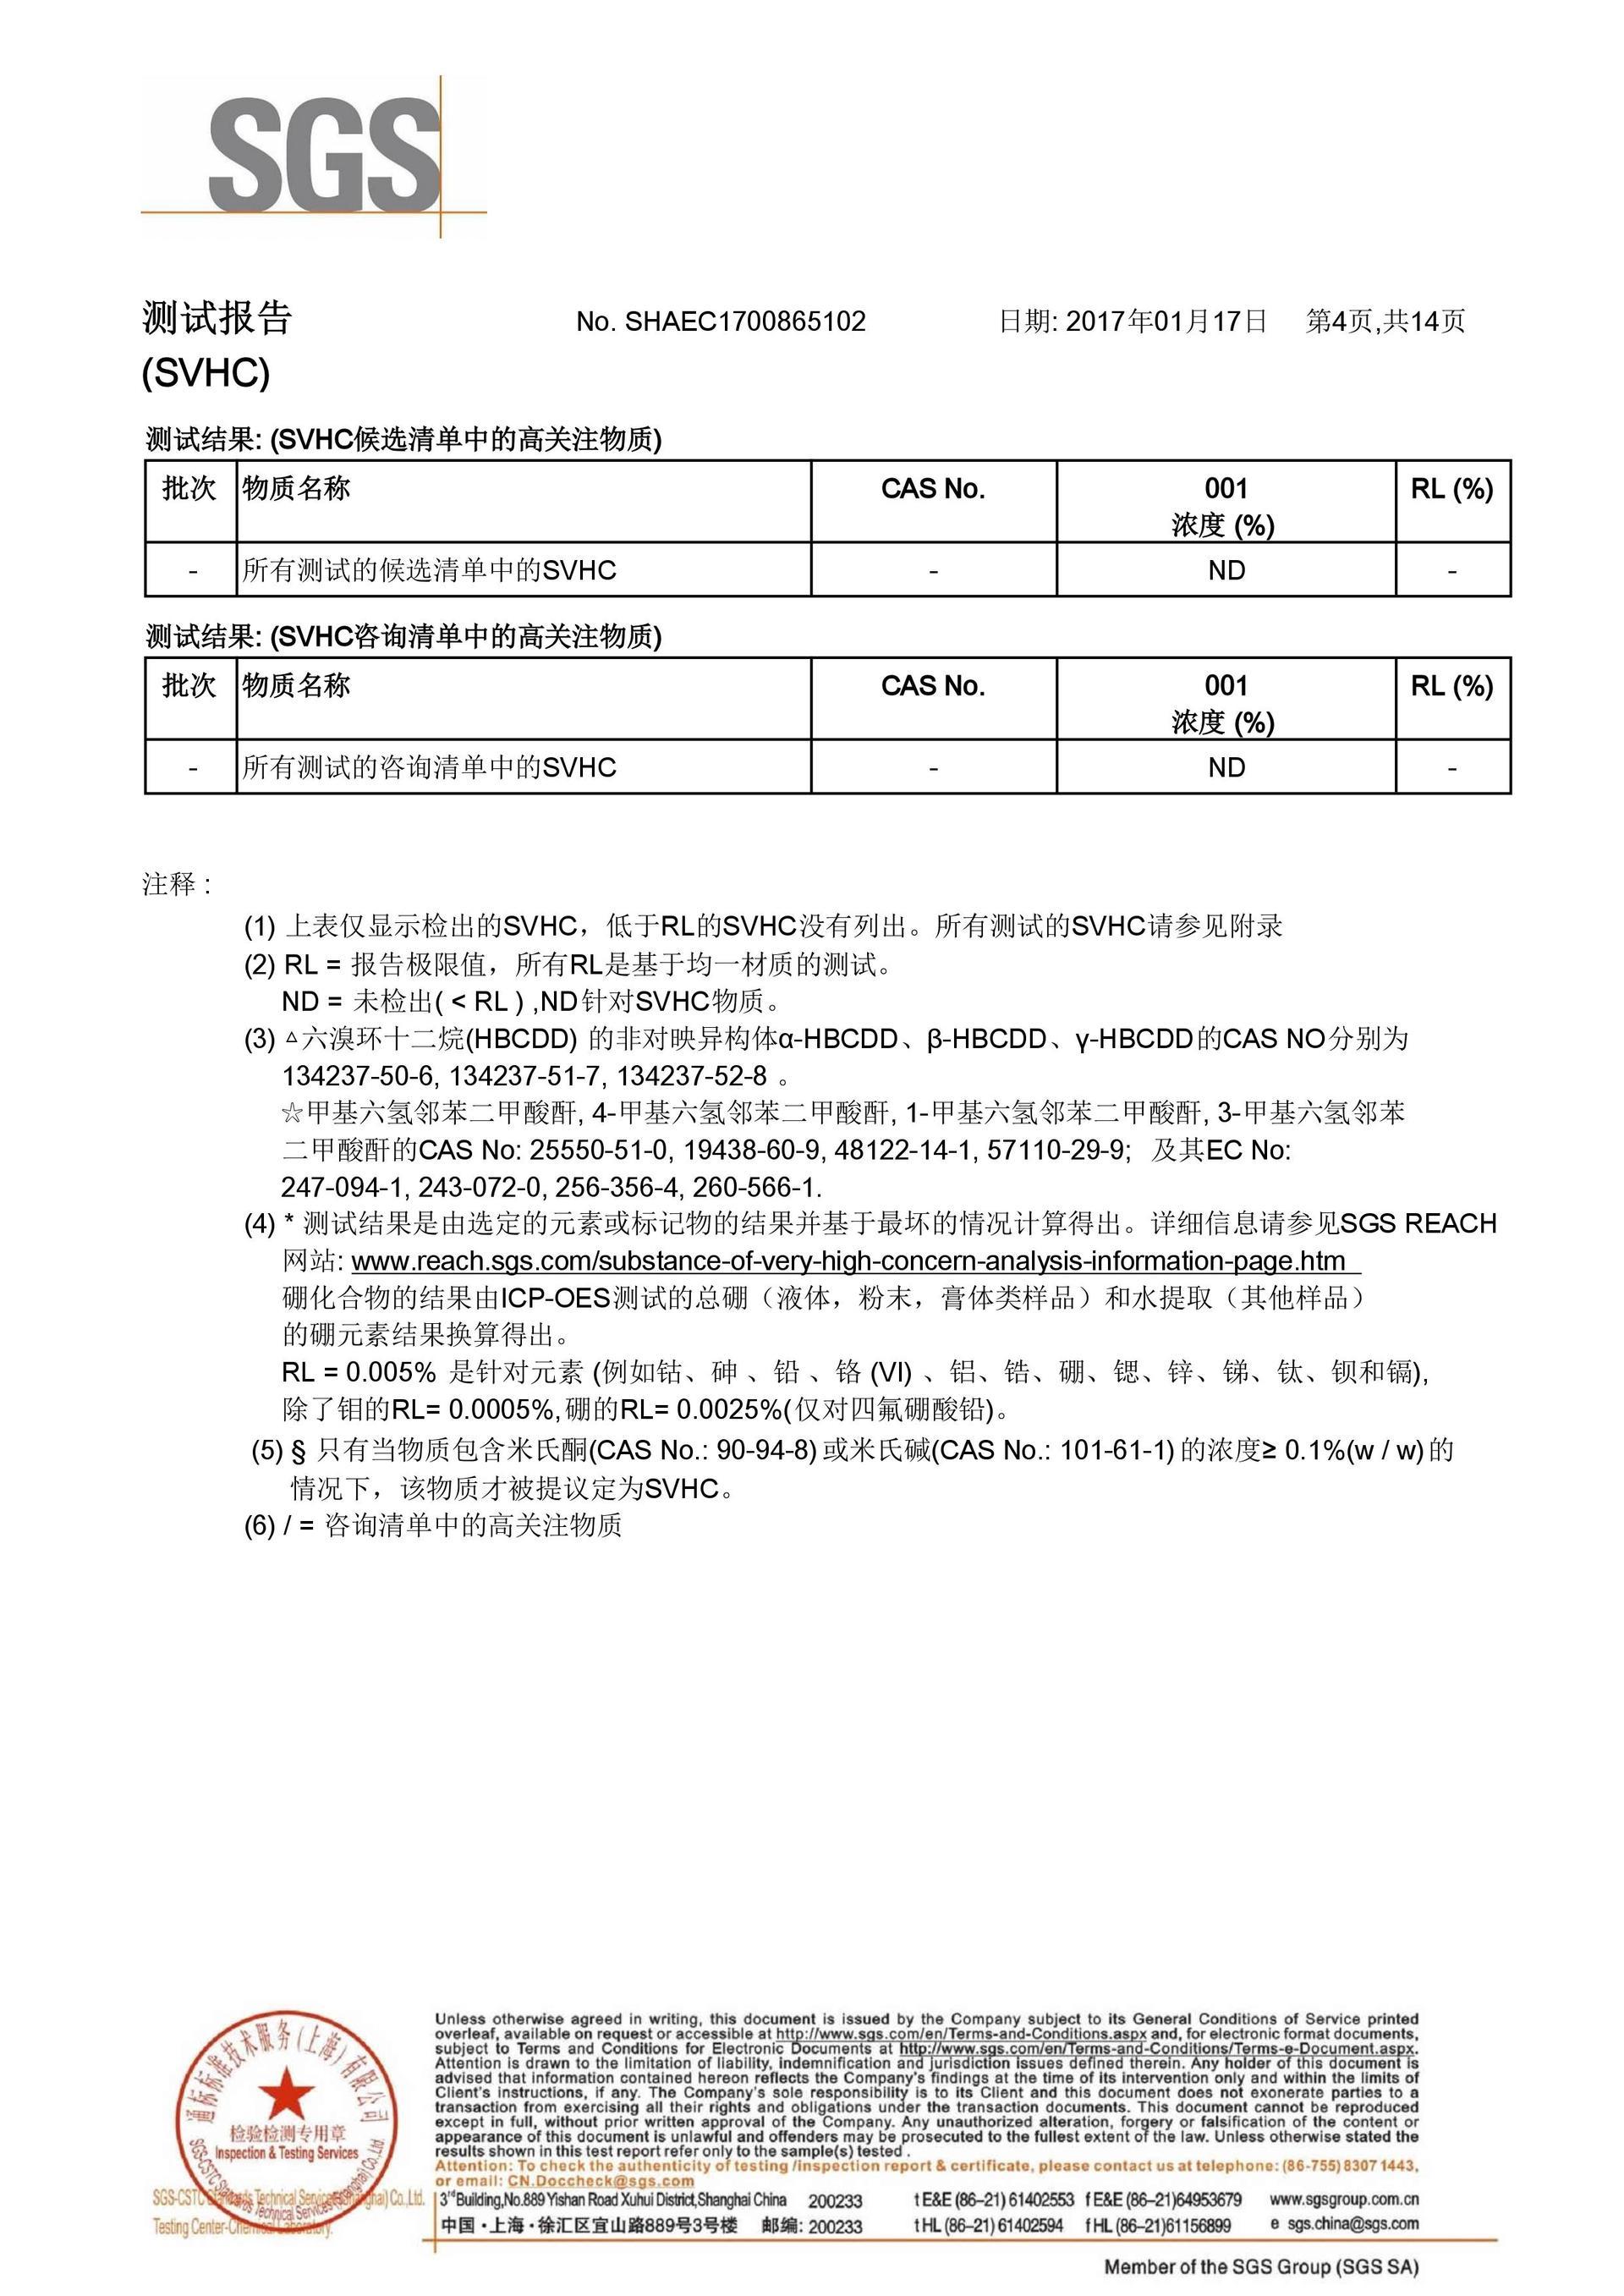 镀镍SGS中文版-9.jpg